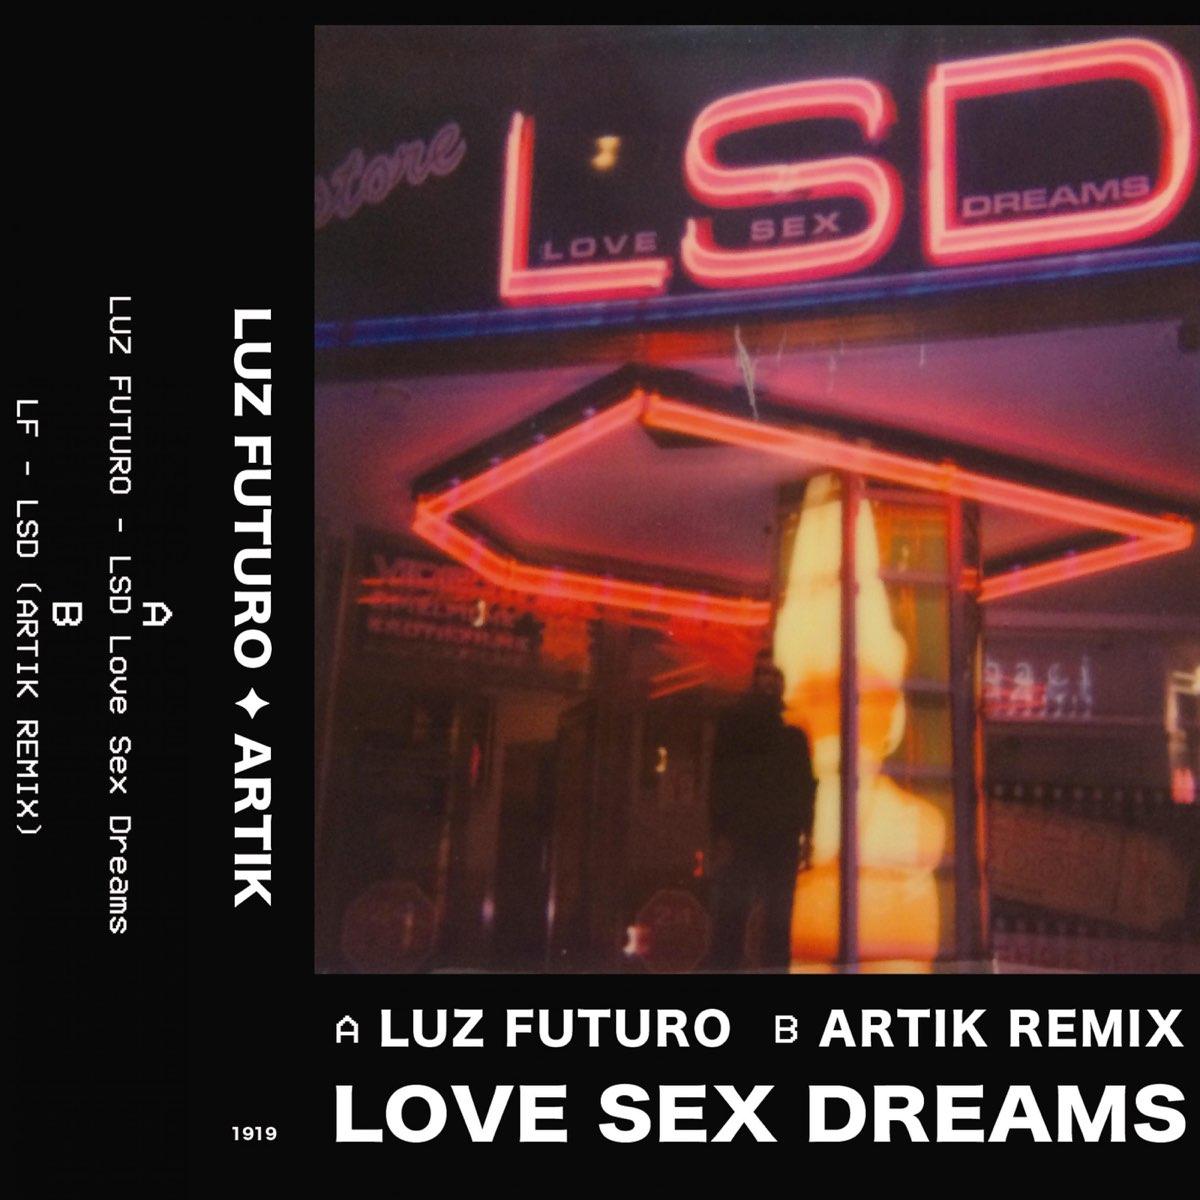 Love Sex Dreams